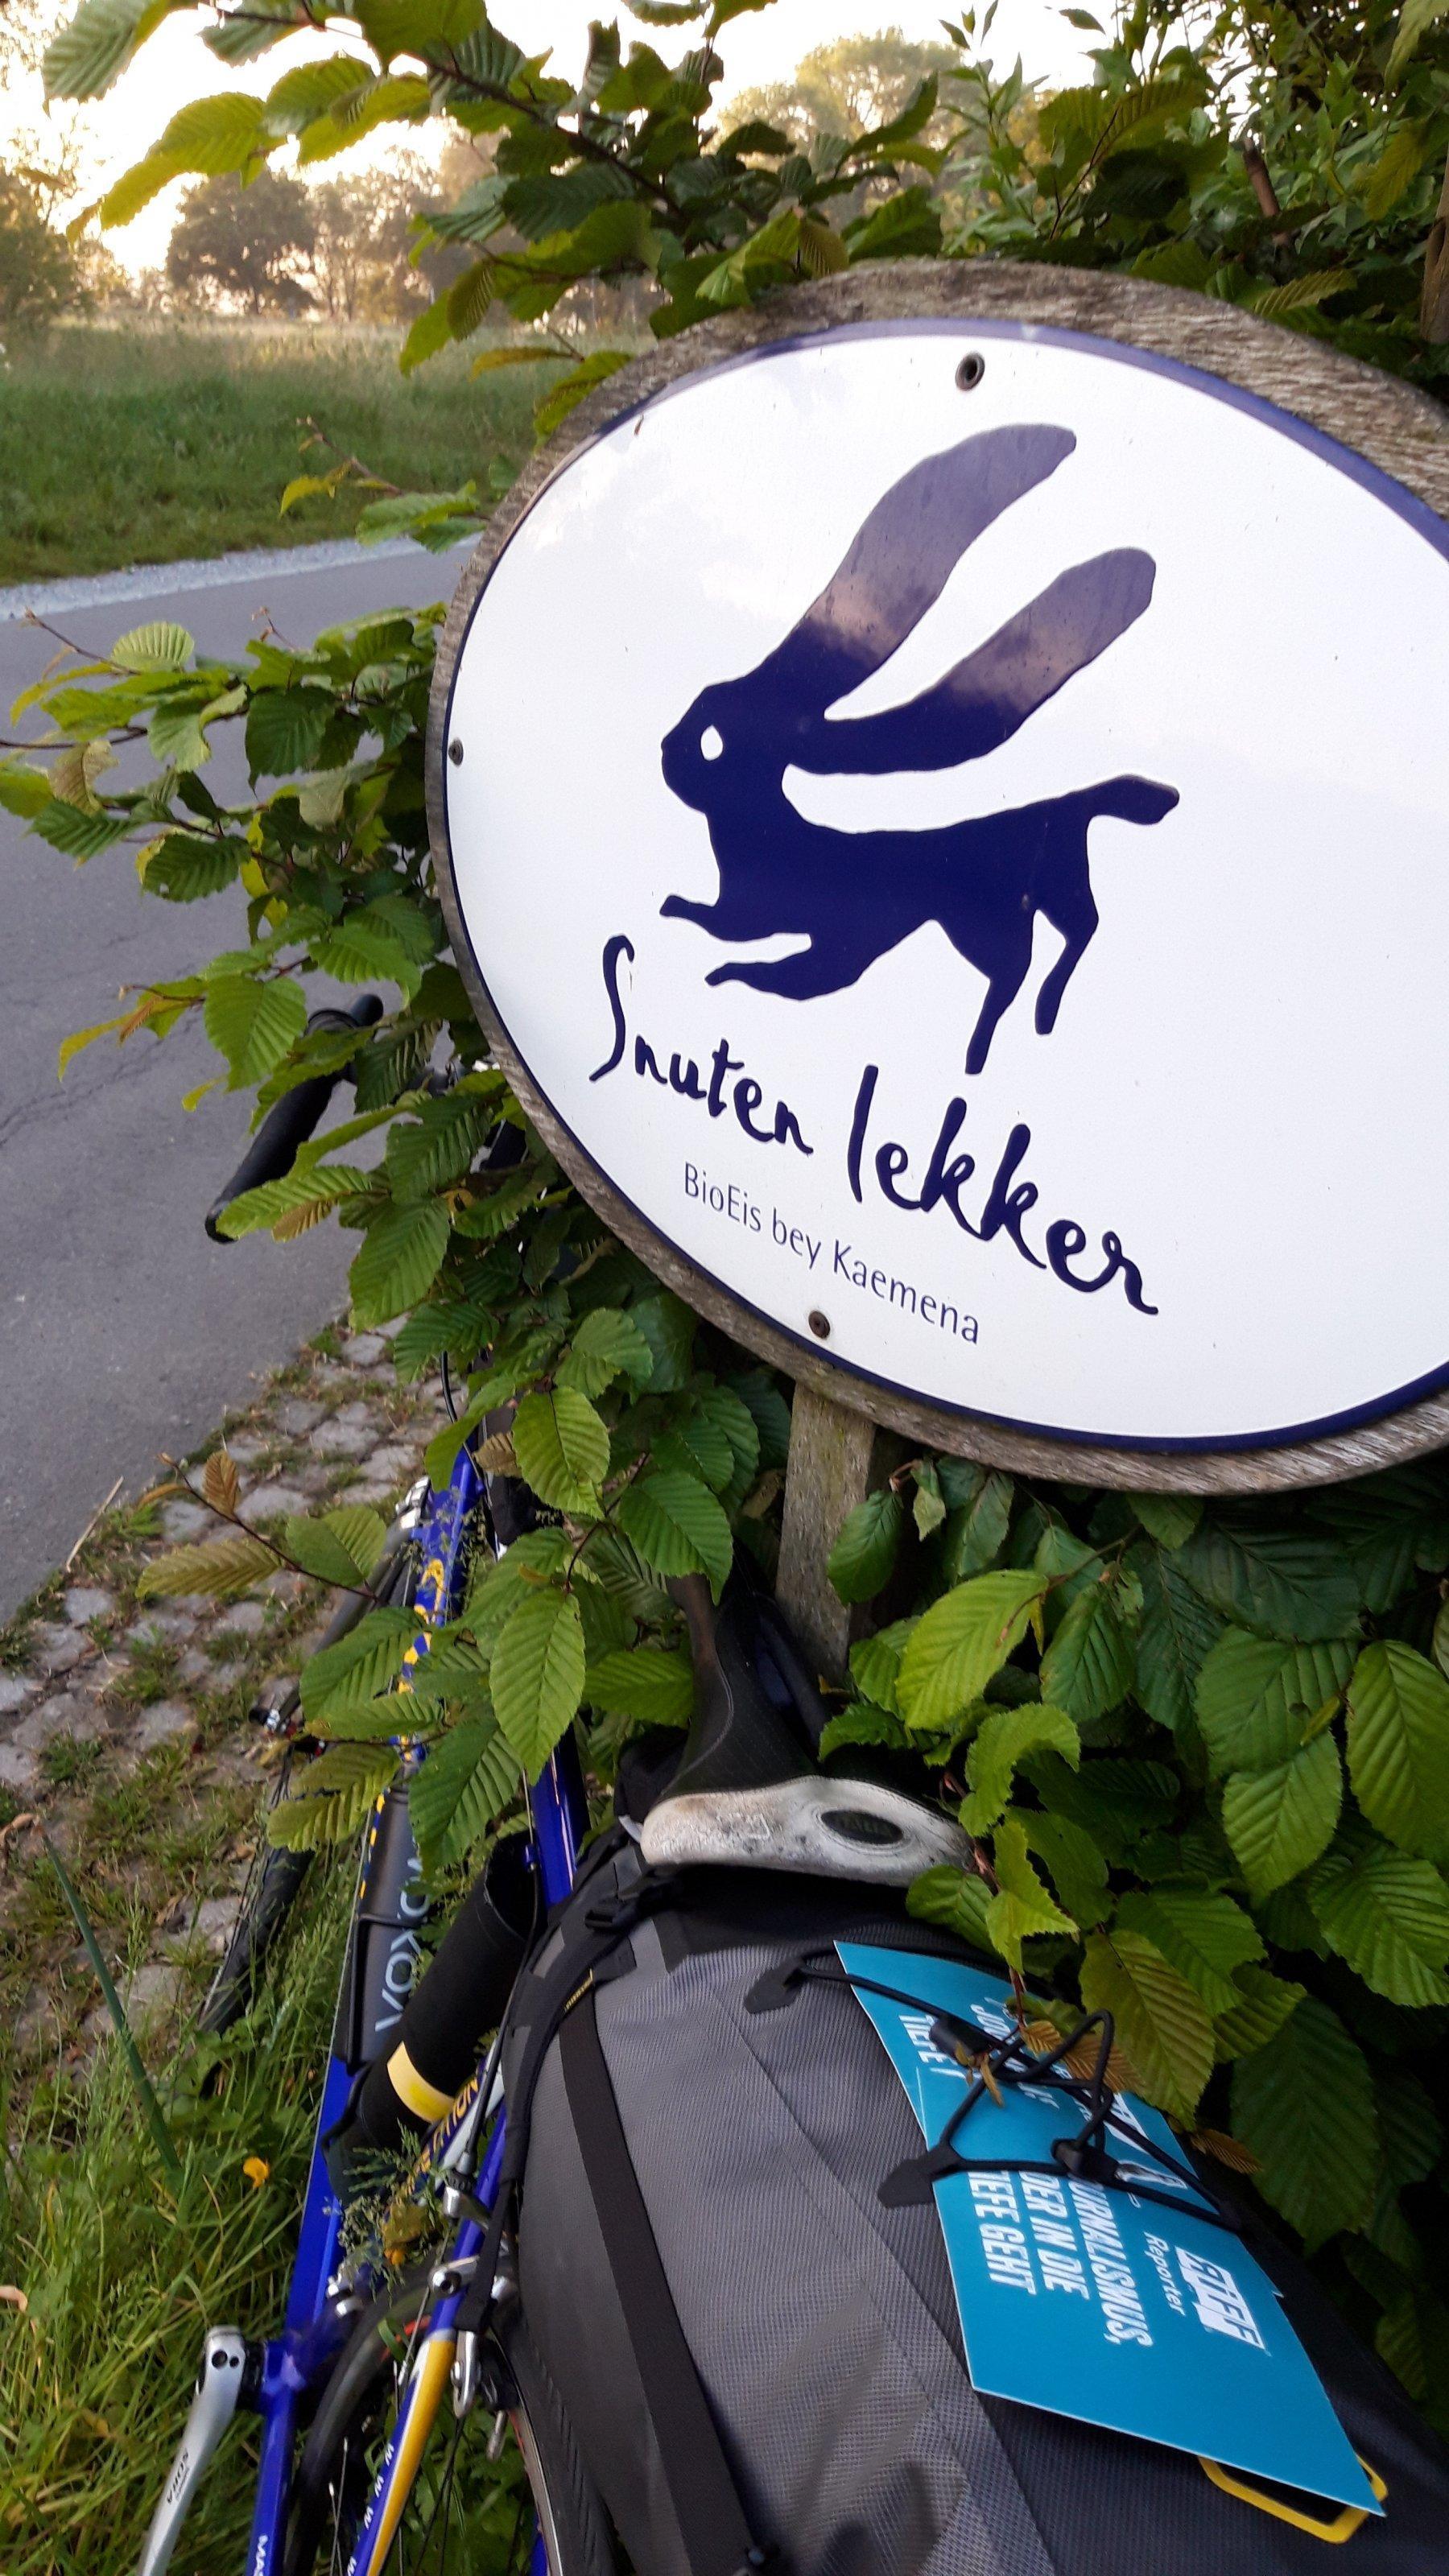 Das Rennrad des Autors lehnt am Schild mit dem Hasen-Logo des Biohofs Kaemena im nördlichen Landesteil von Bremen.